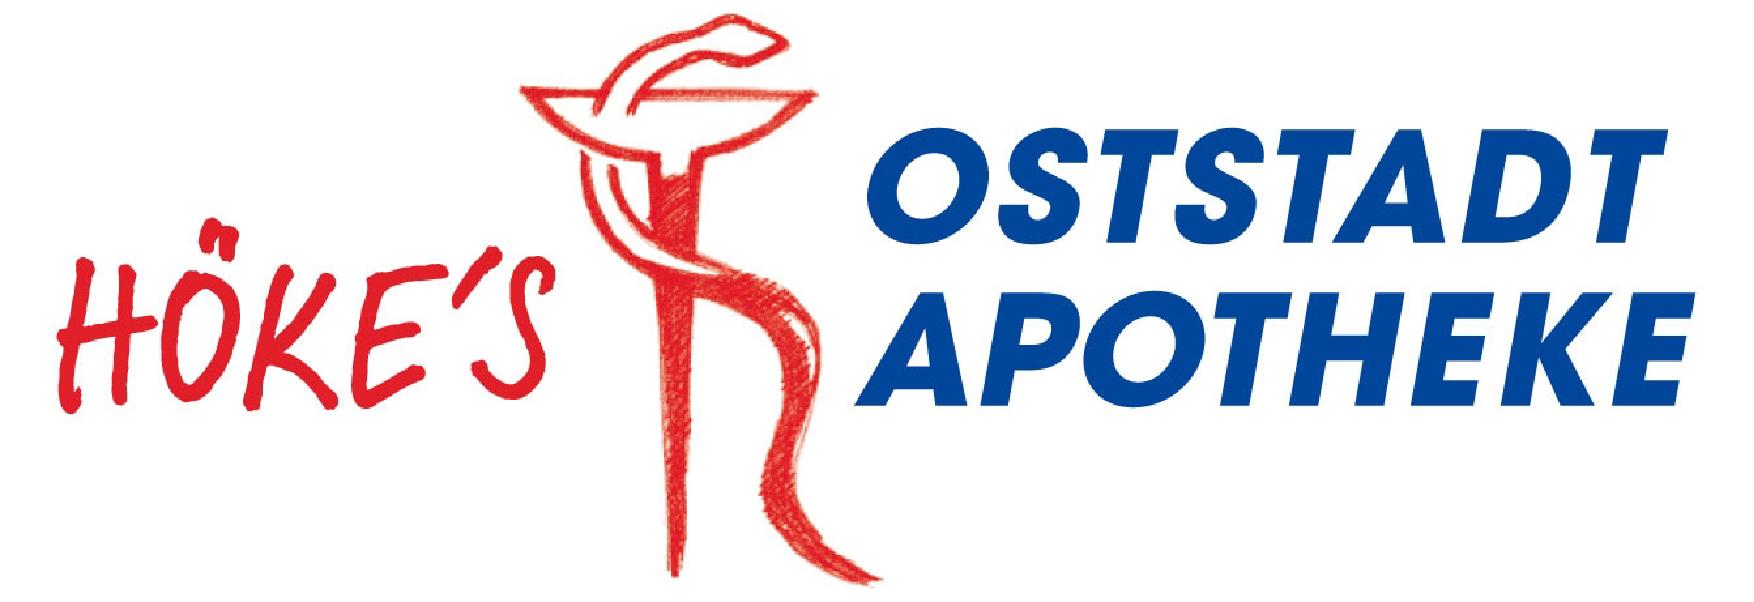 Logo der Höke's Oststadt Apotheke